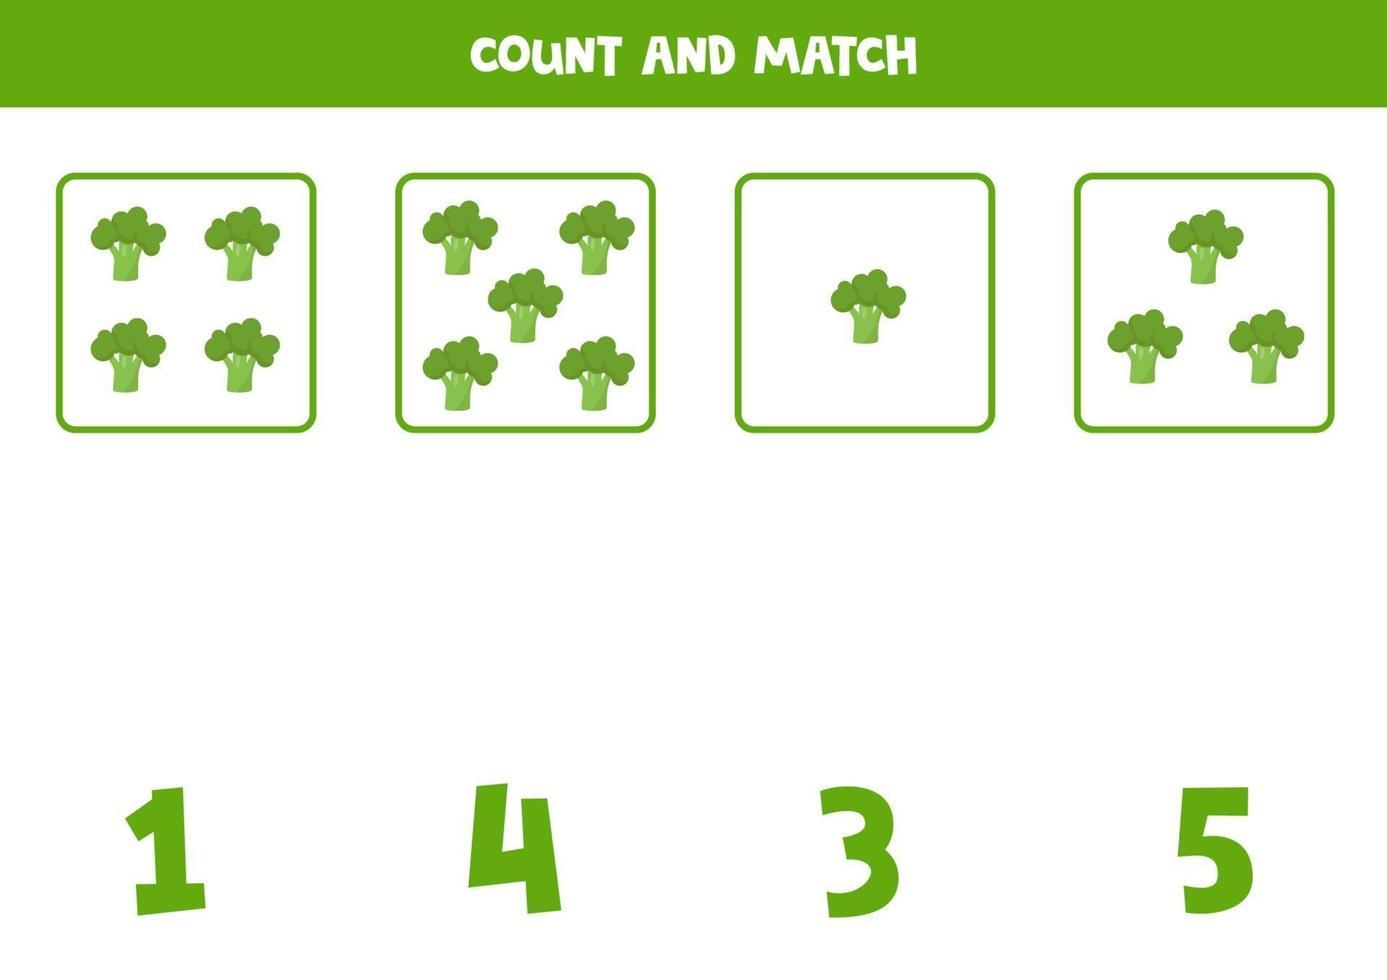 tellen spel voor kinderen. wiskundig spel met cartoon broccolis. vector